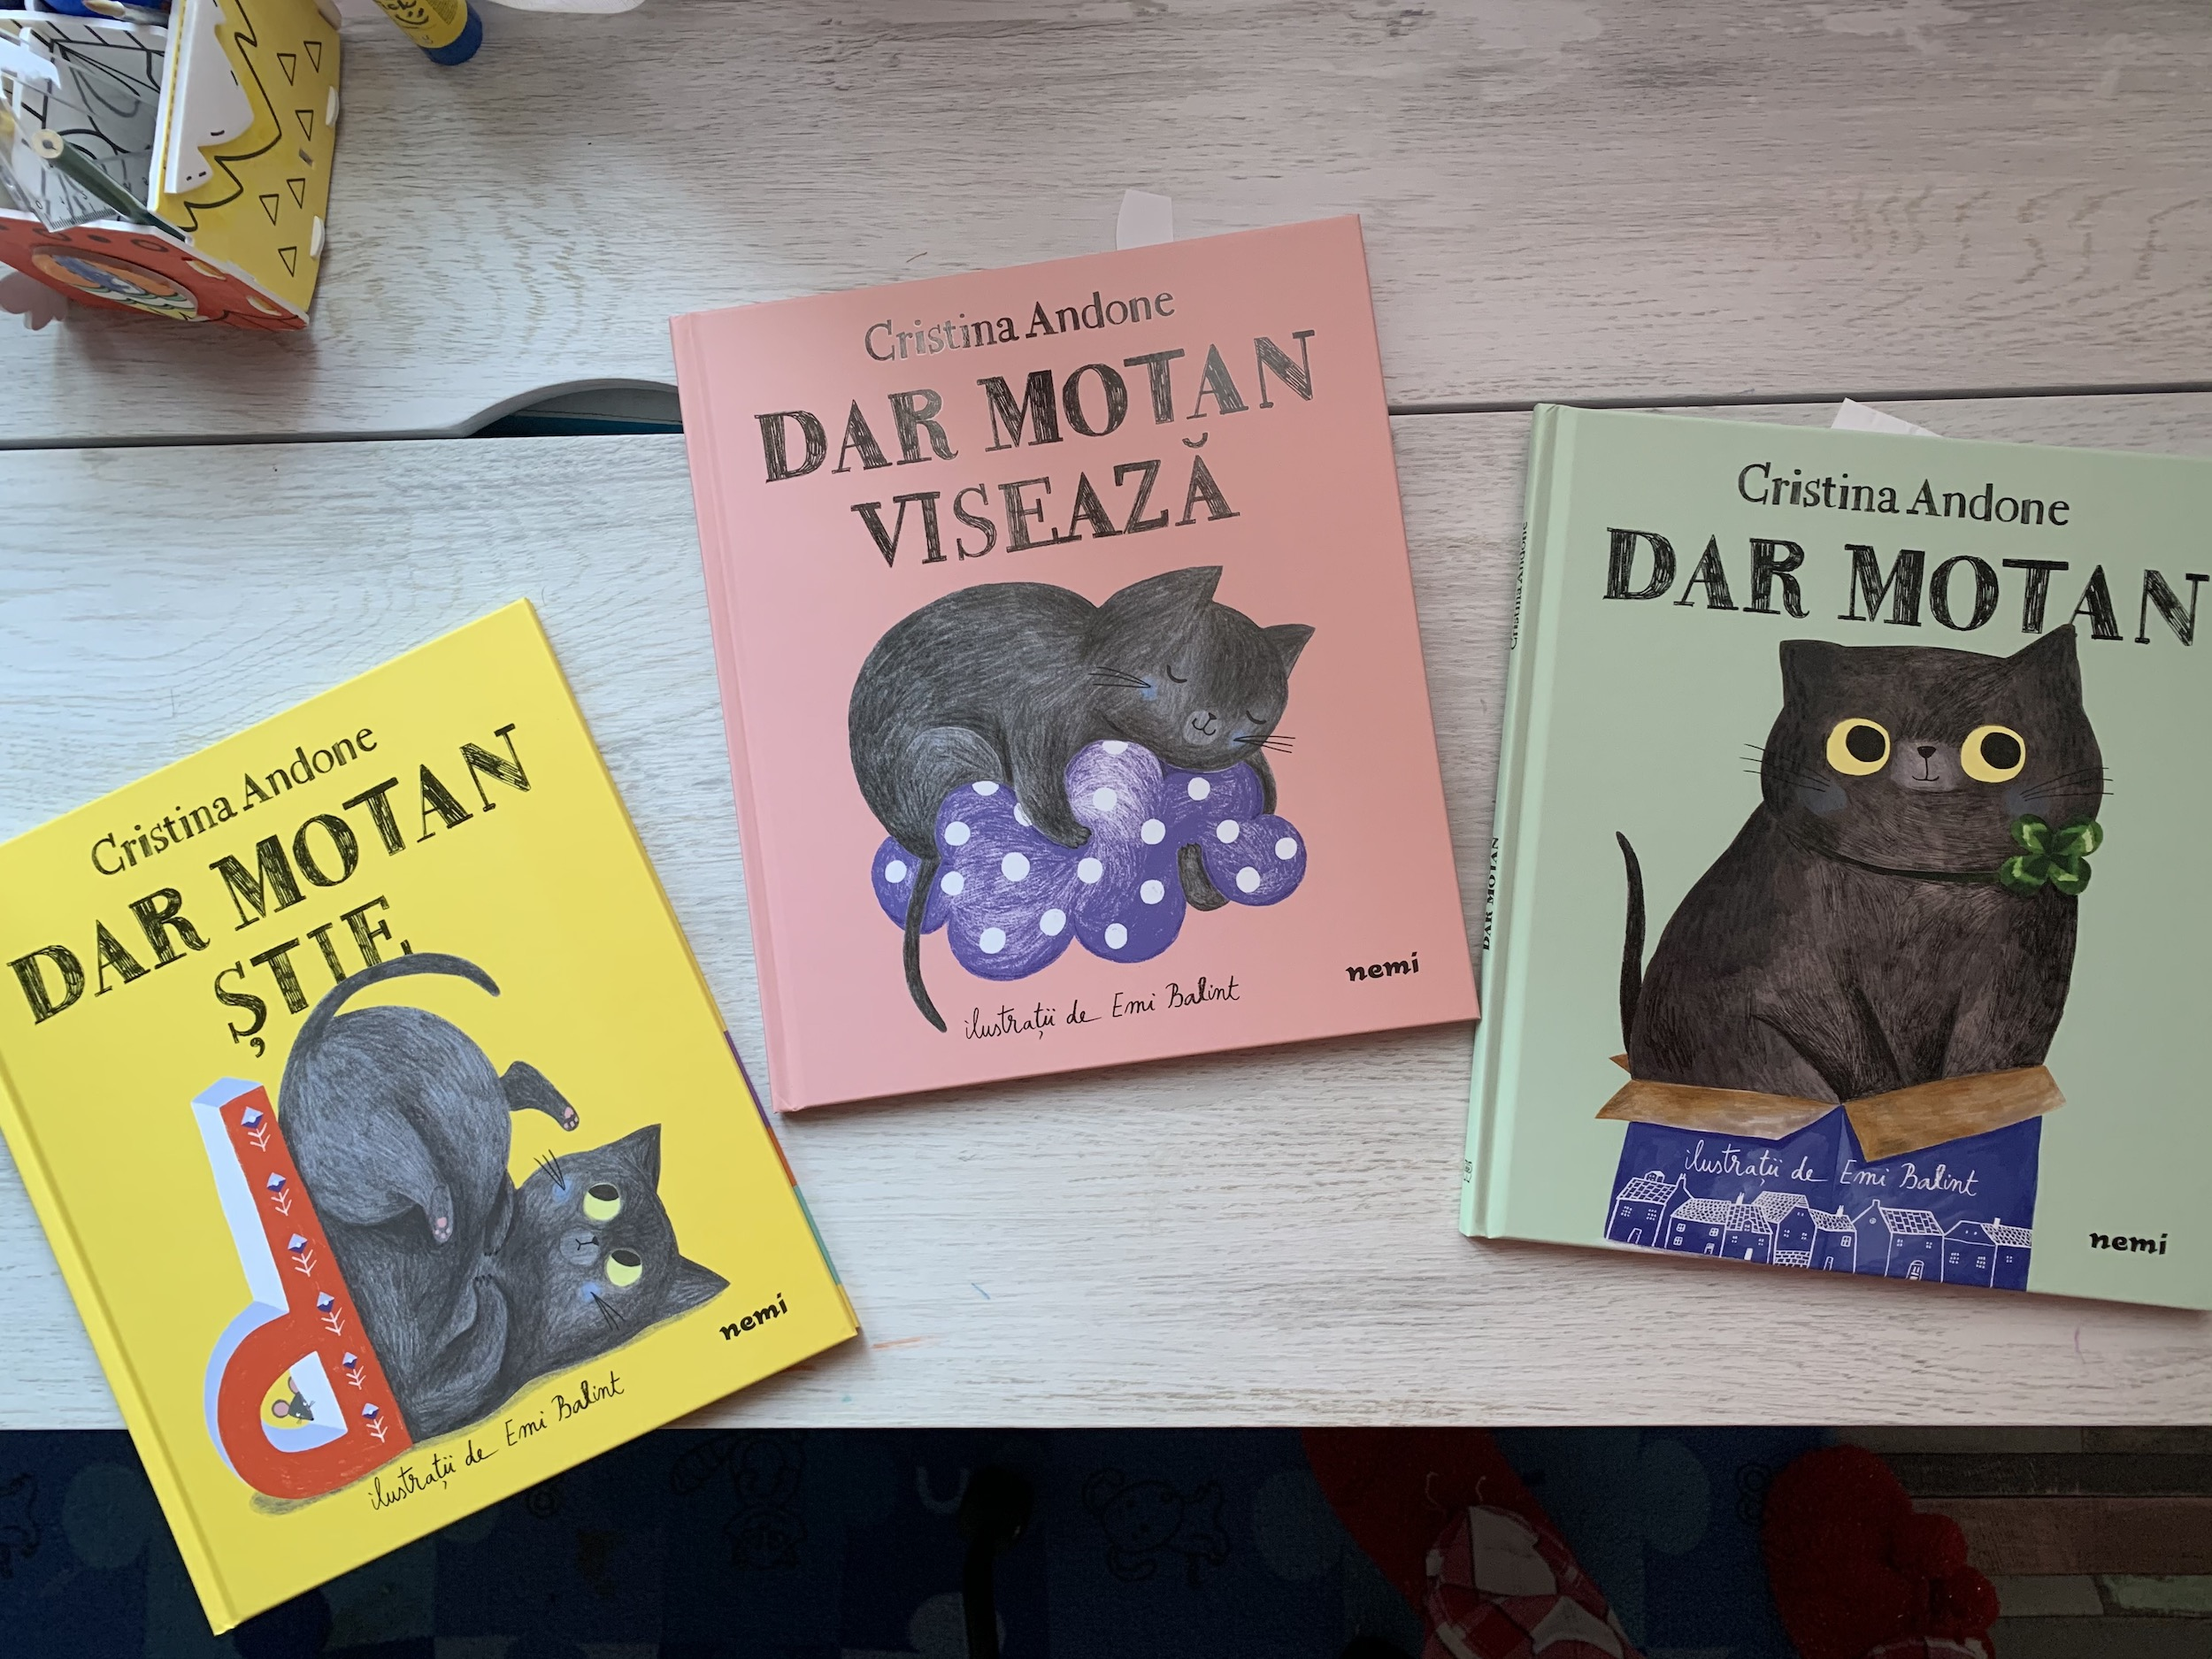 Cărțile DAR Motan, de Cristina Andone, un dar pentru copii și părinți – Recenzie